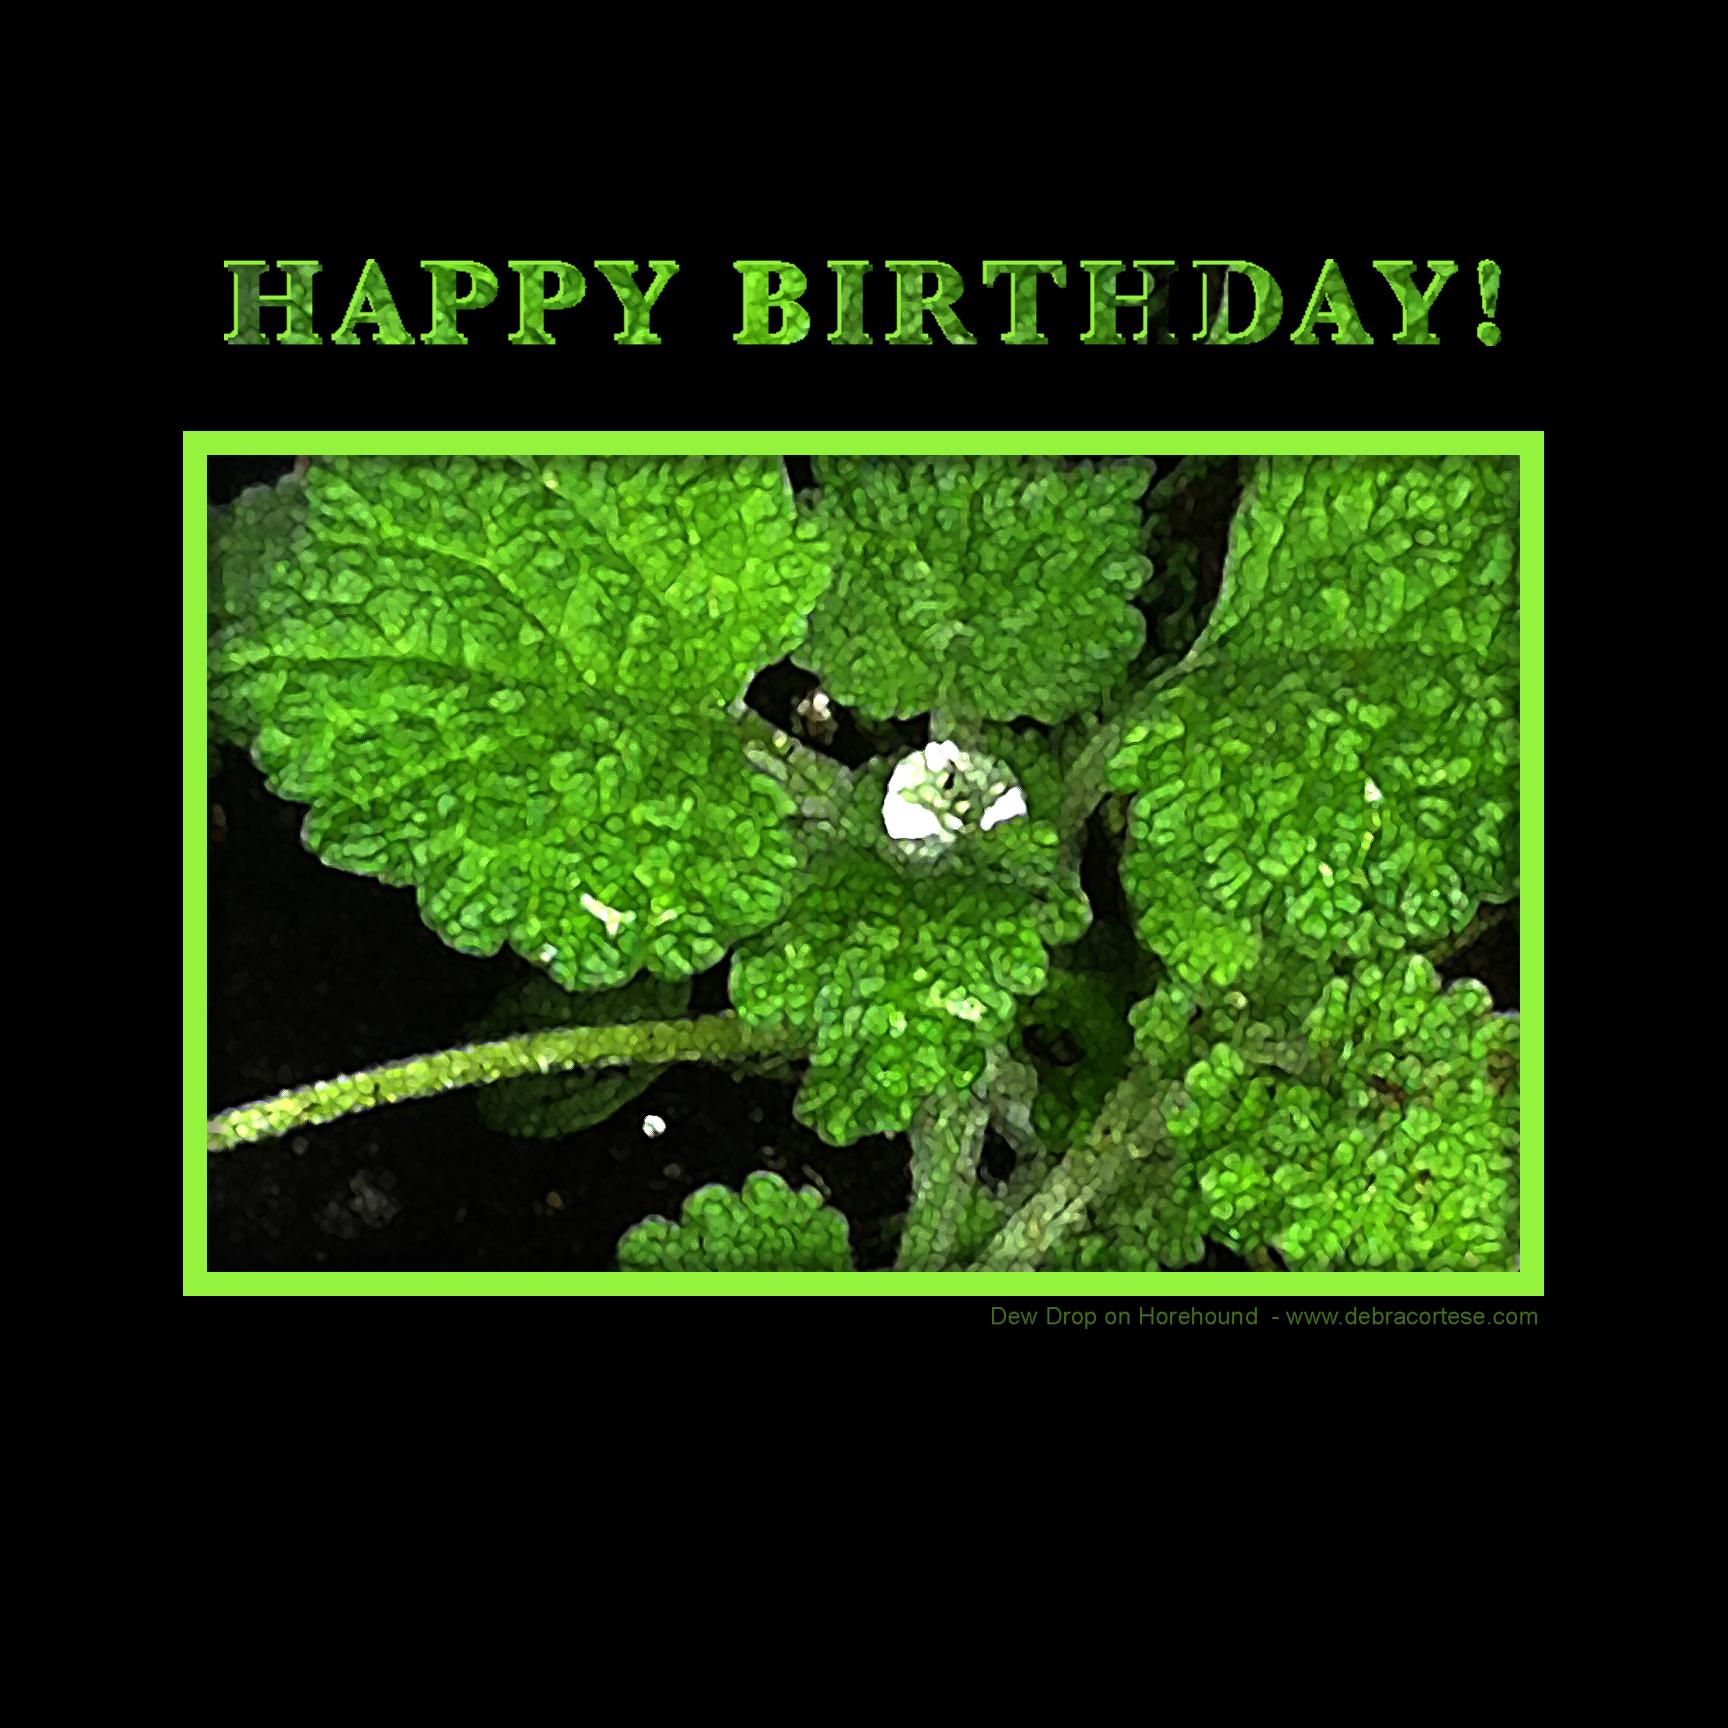 Diamond Horehound Happy Birthday image by Debra Cortese ©2016